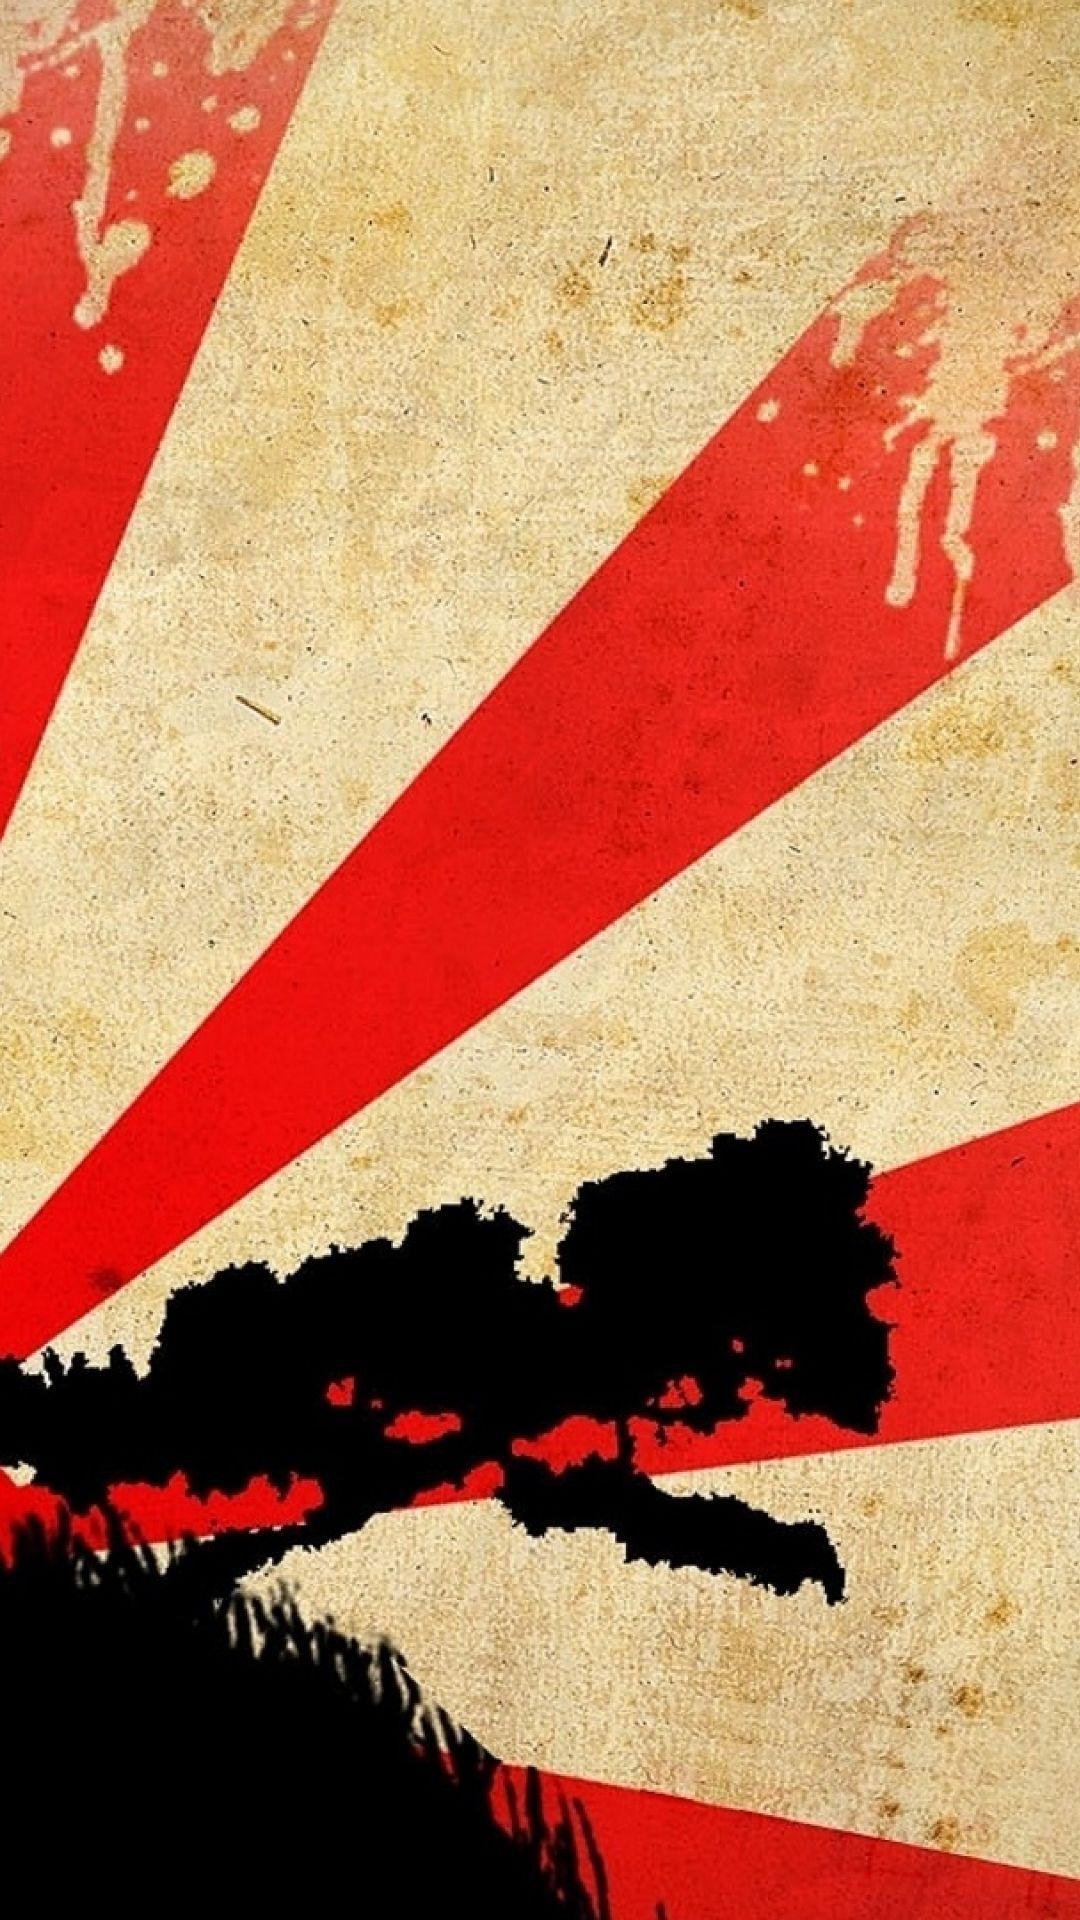 レトロな和風のスマホ壁紙 壁紙 レトロ